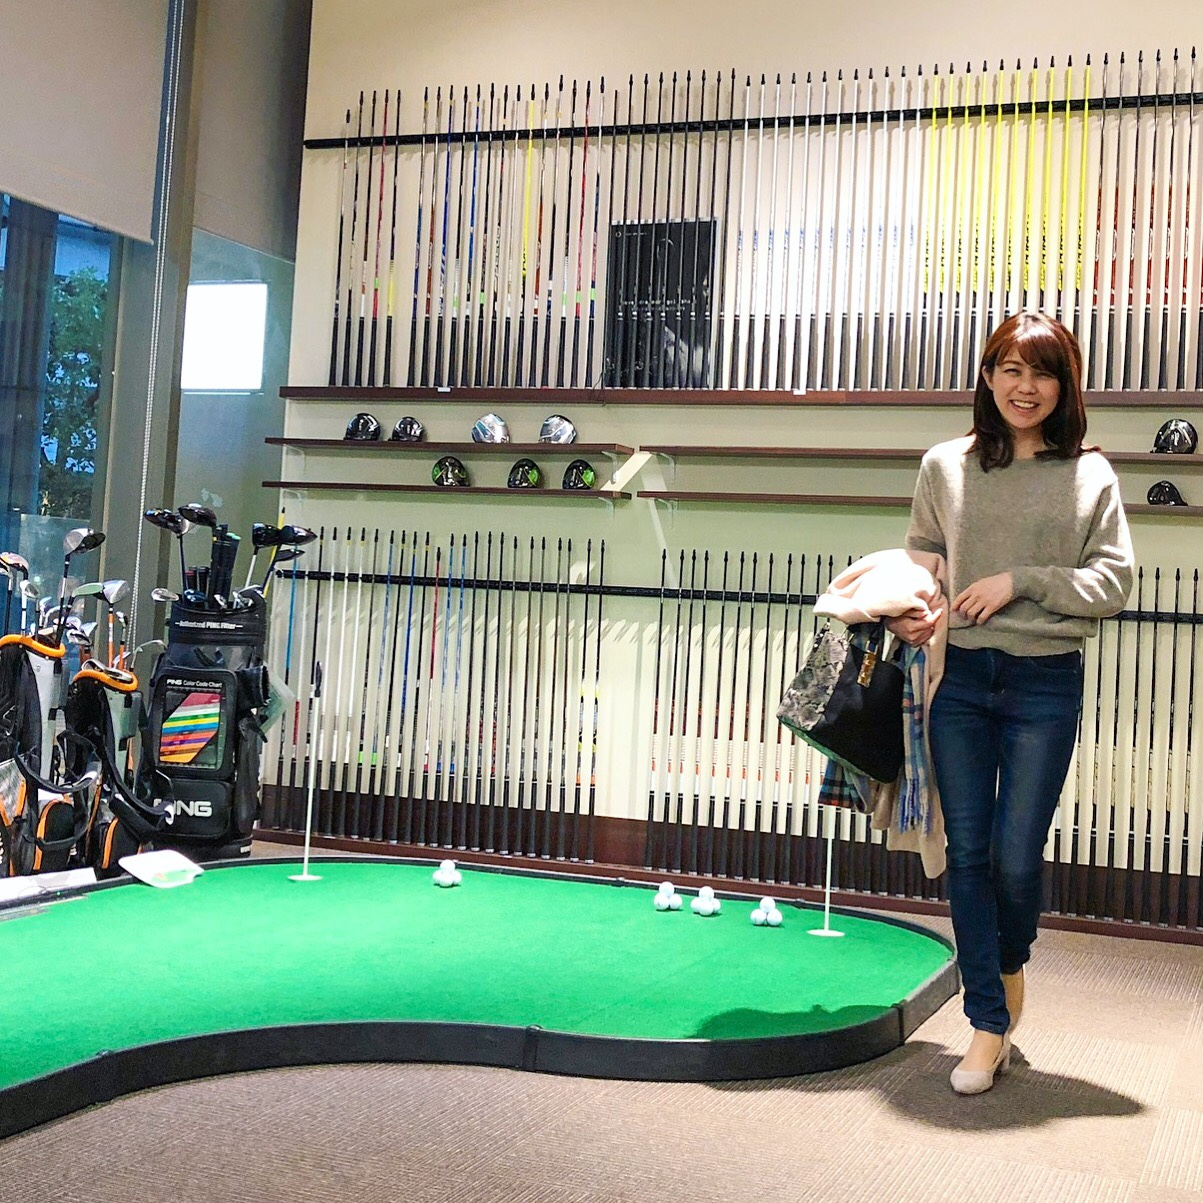 【読者モデル】女性のためのゴルフ雑誌「Regina」2019 春号に登場させていただきました